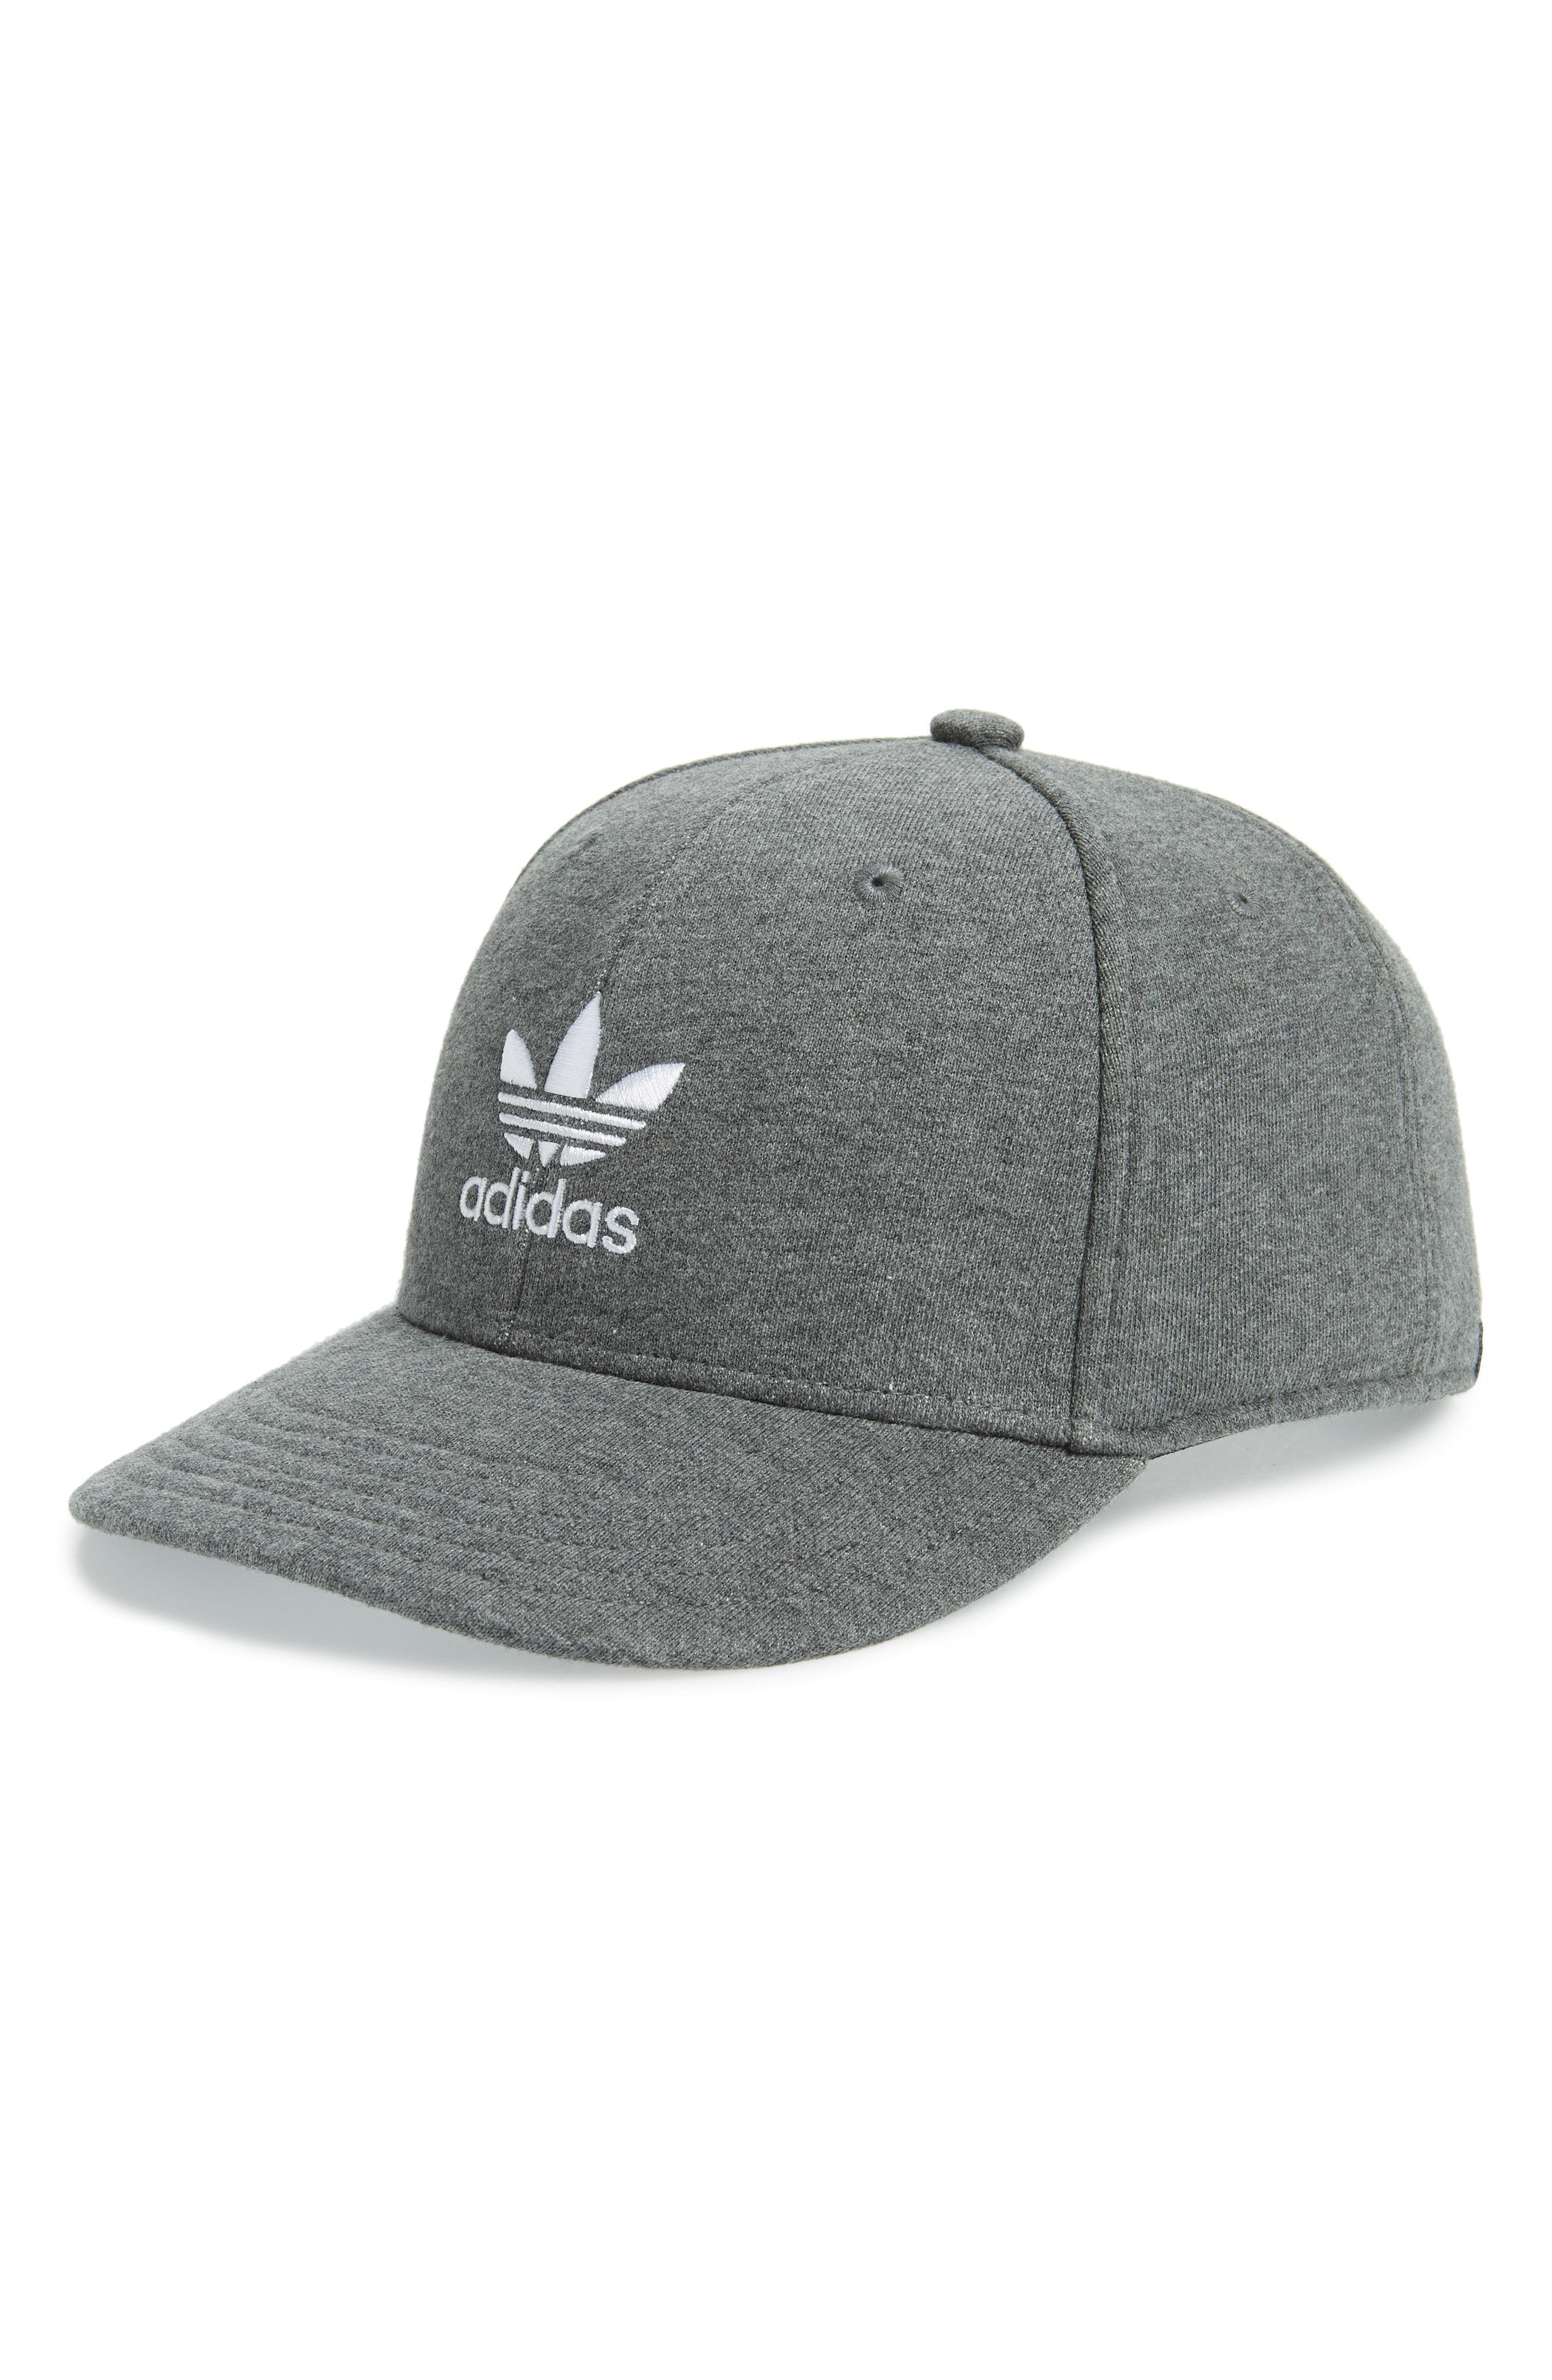 5673f235aa8 Lyst - Adidas Originals Trefoil Snapback Baseball Cap - in Gray for Men